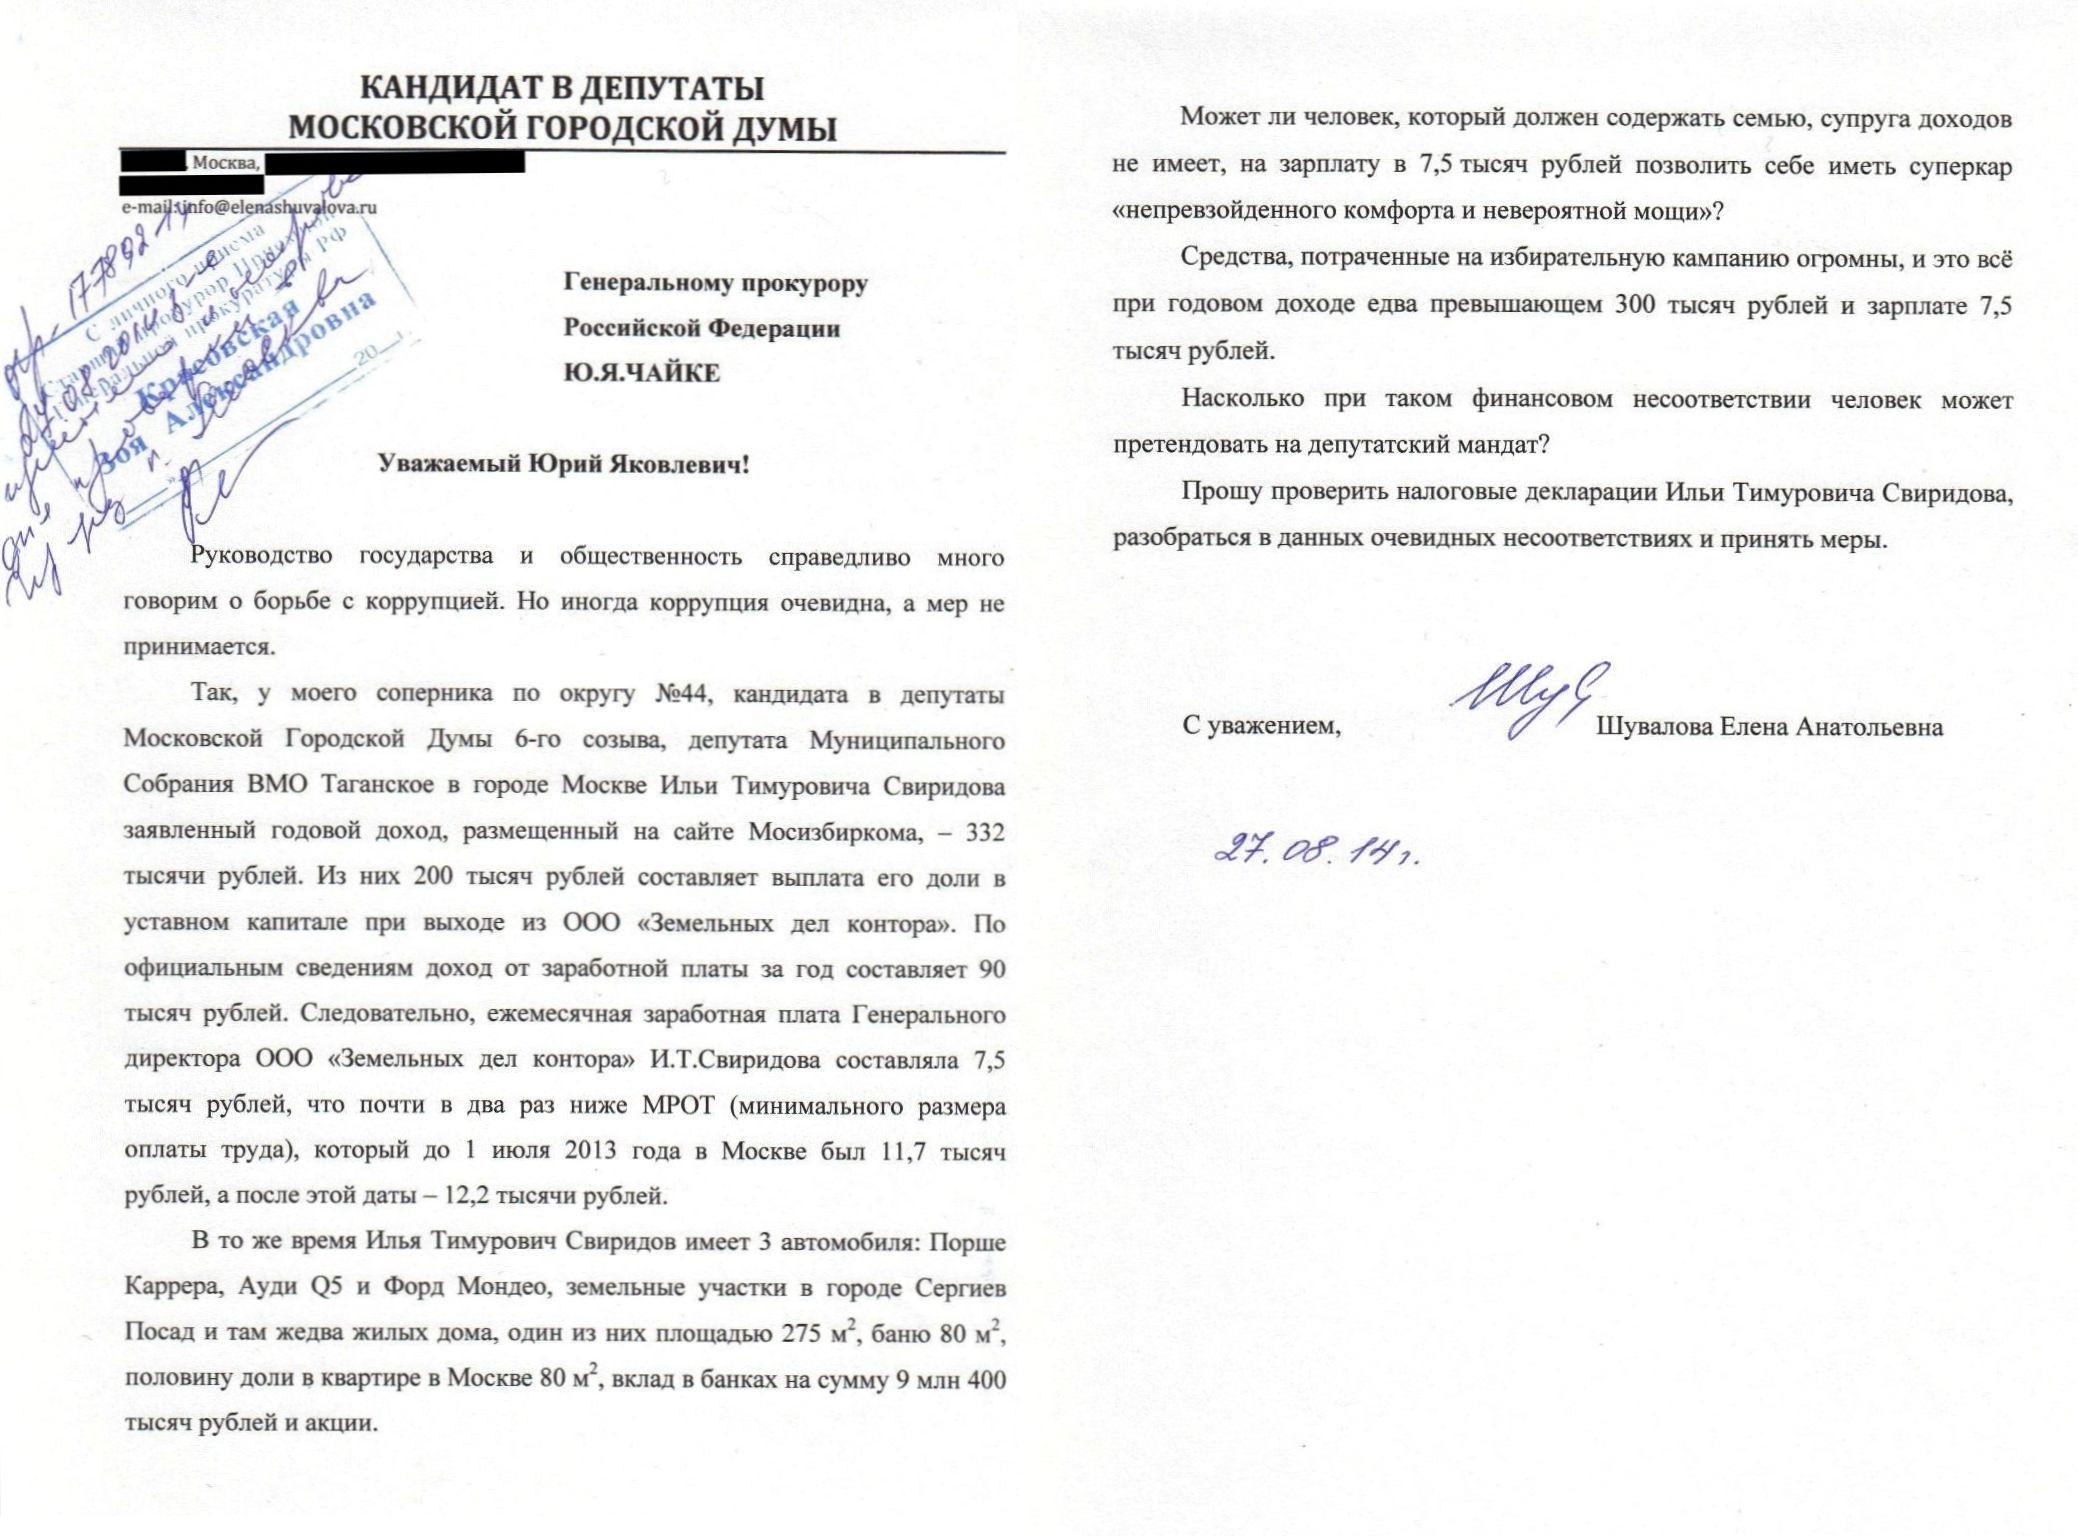 Запрос в Генеральную Прокуратуру РФ о соответствии уровня дохода кандидата в депутаты И.Т.Свиридова